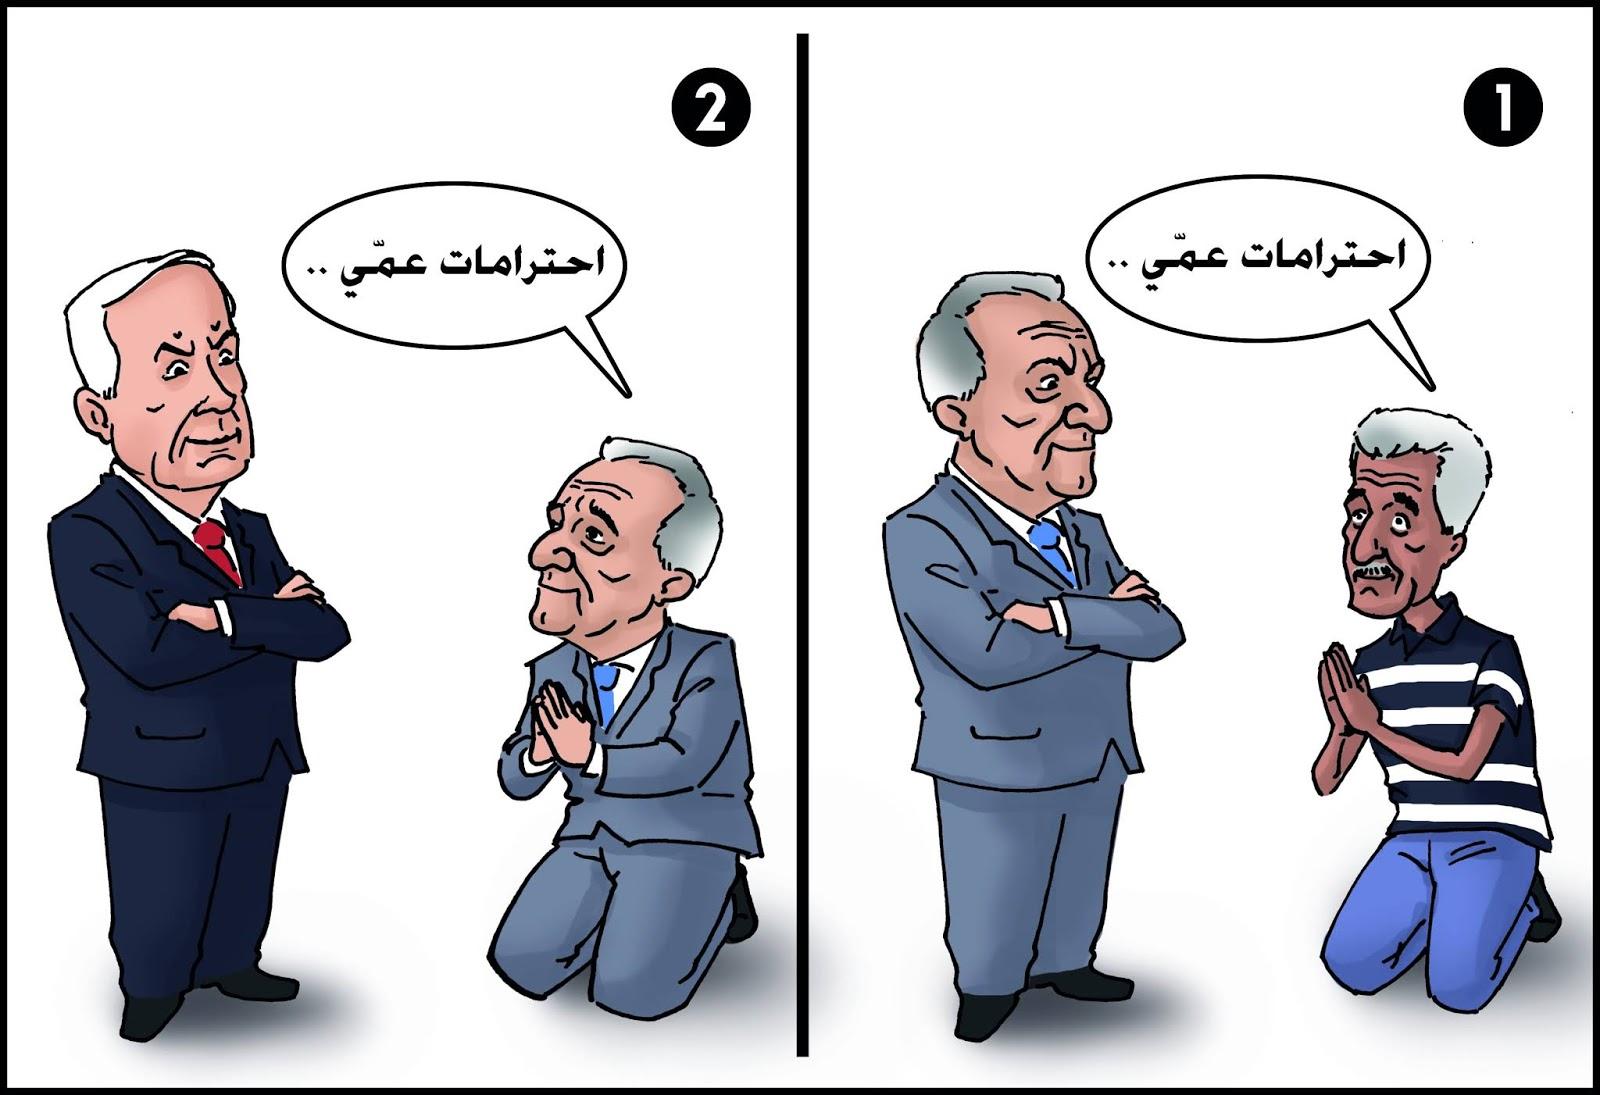 اخبار ماجد فرج تفضح تورطه بافتعال الأزمات بغزة